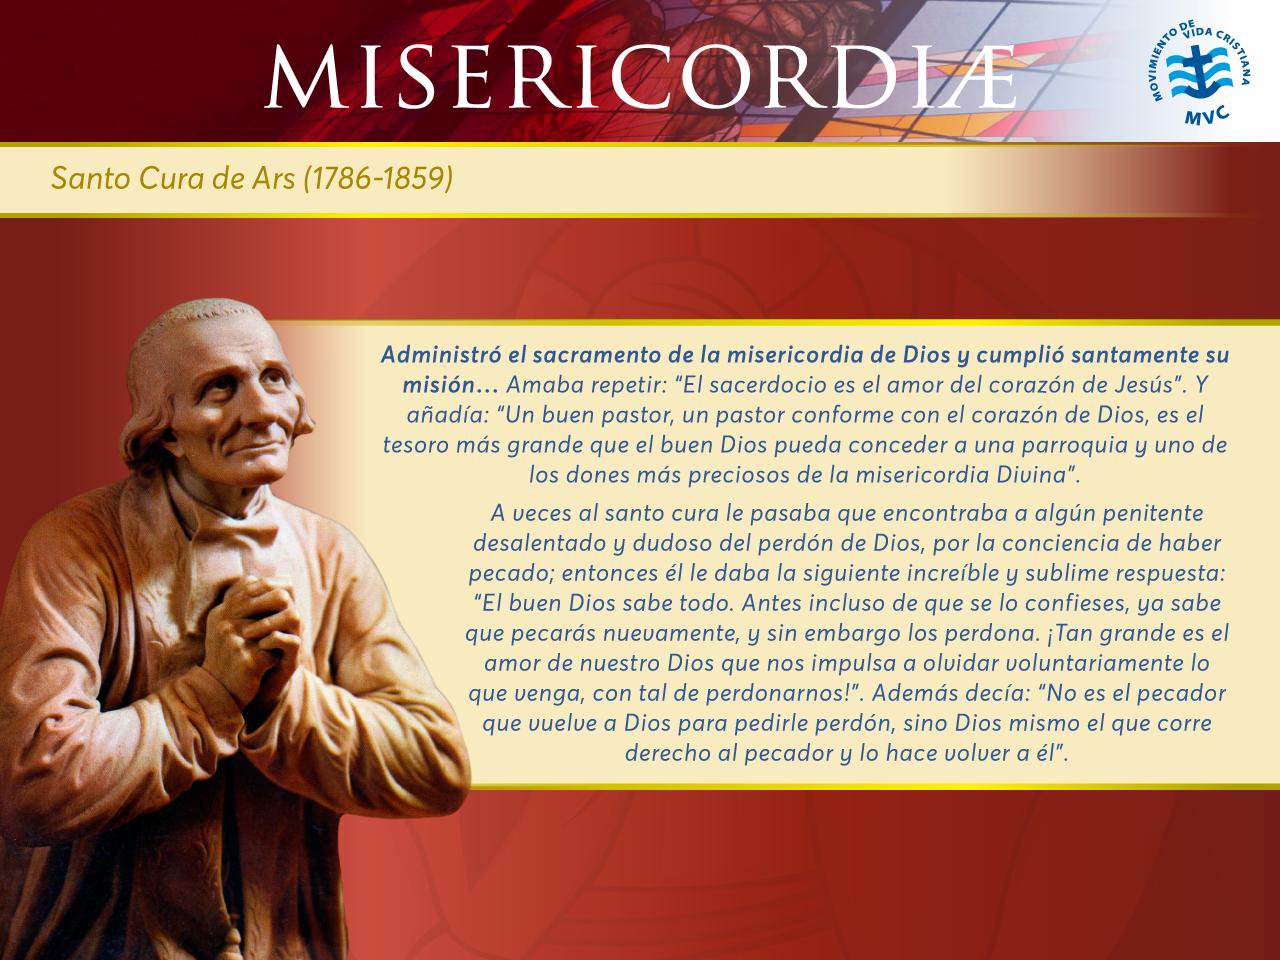 Misericordiae-6-07